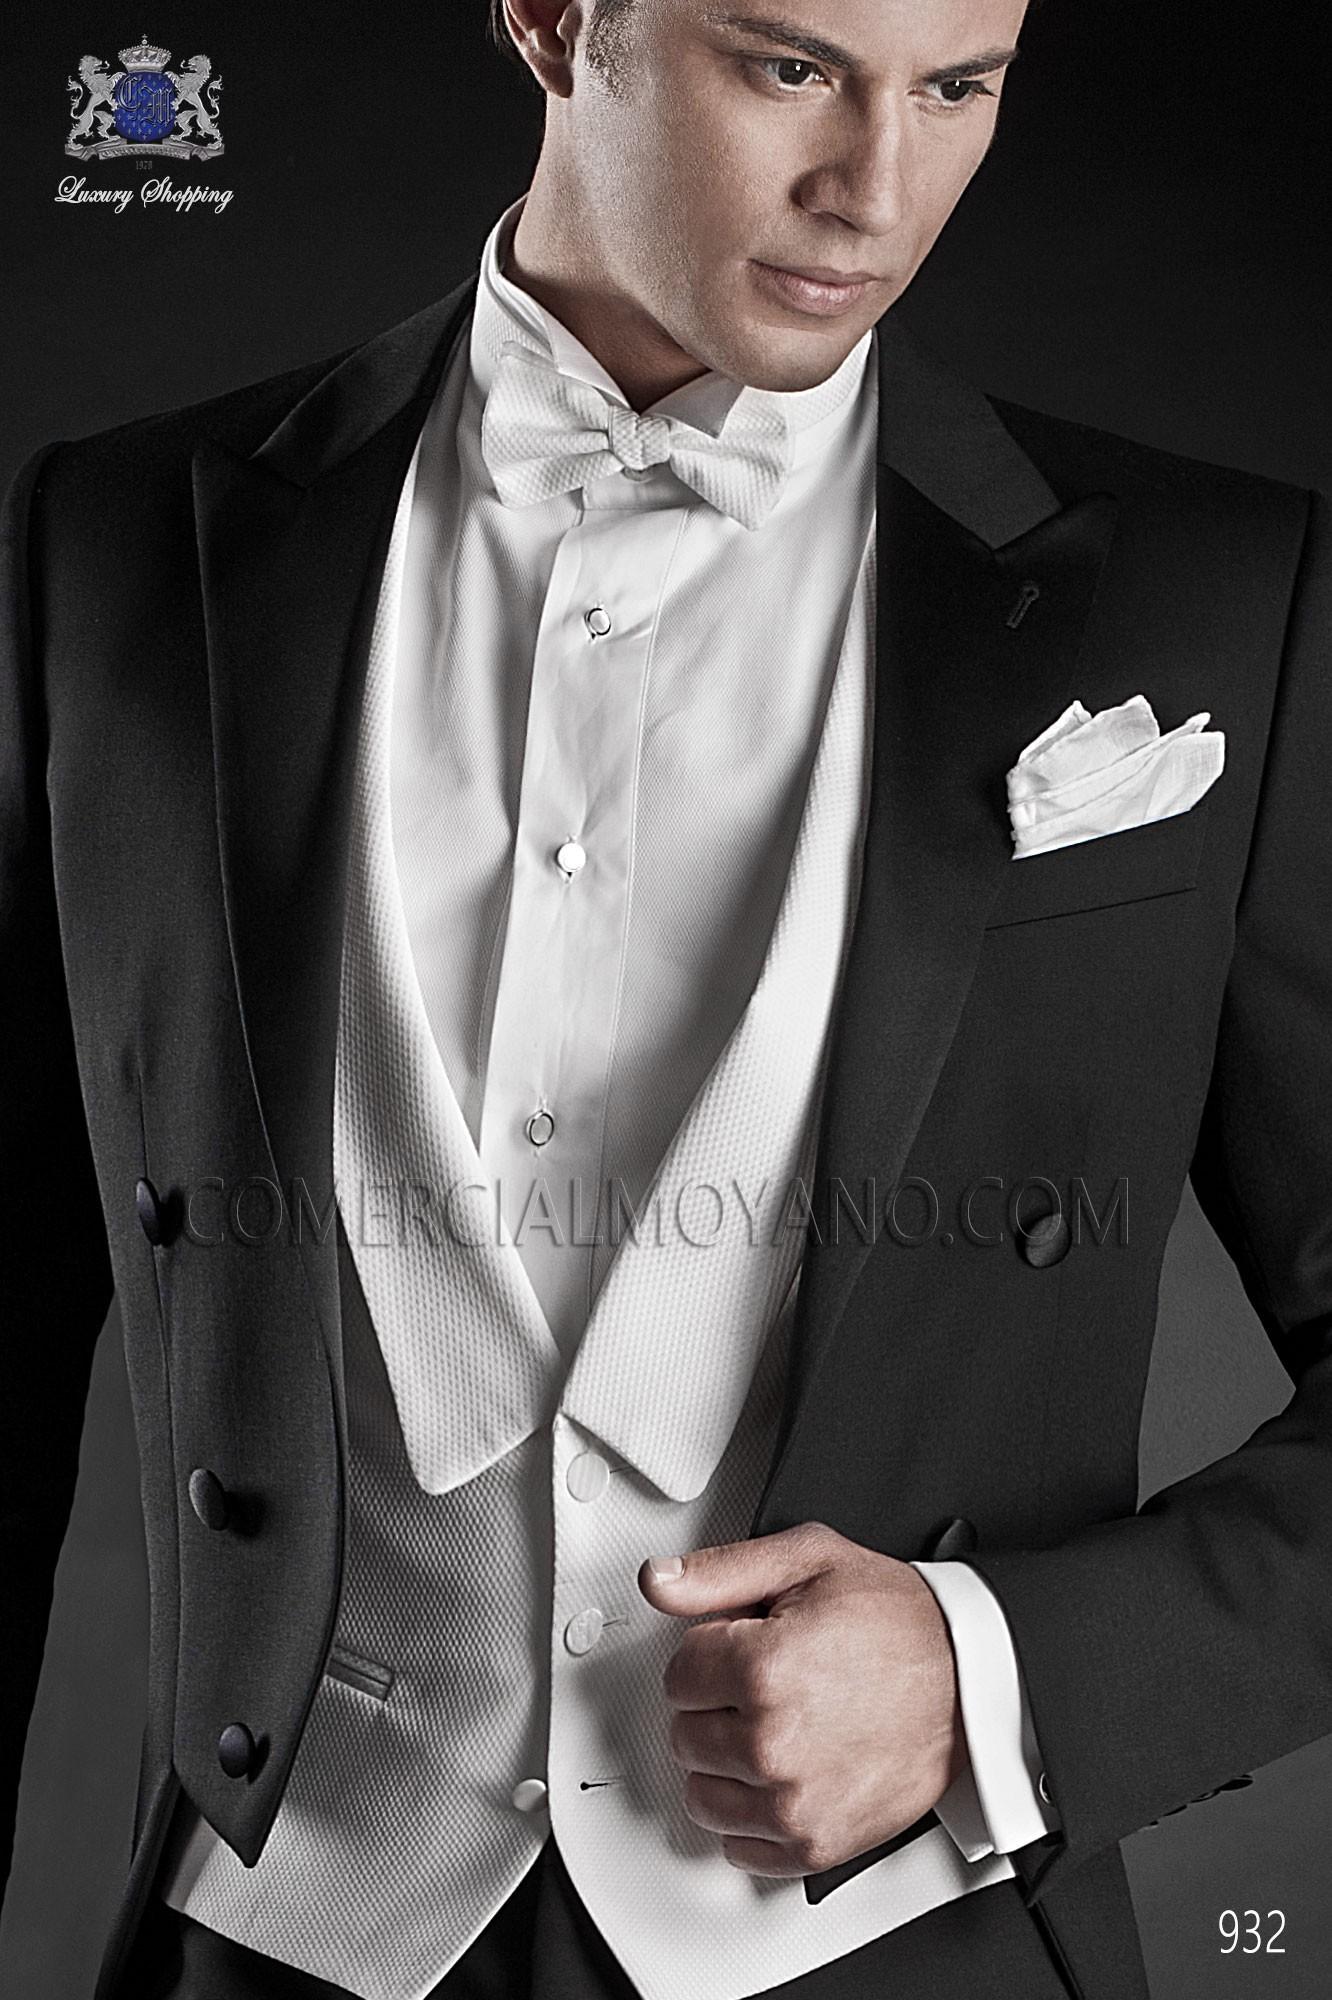 Traje BlackTie de novio negro modelo: 932 Ottavio Nuccio Gala colección Black Tie